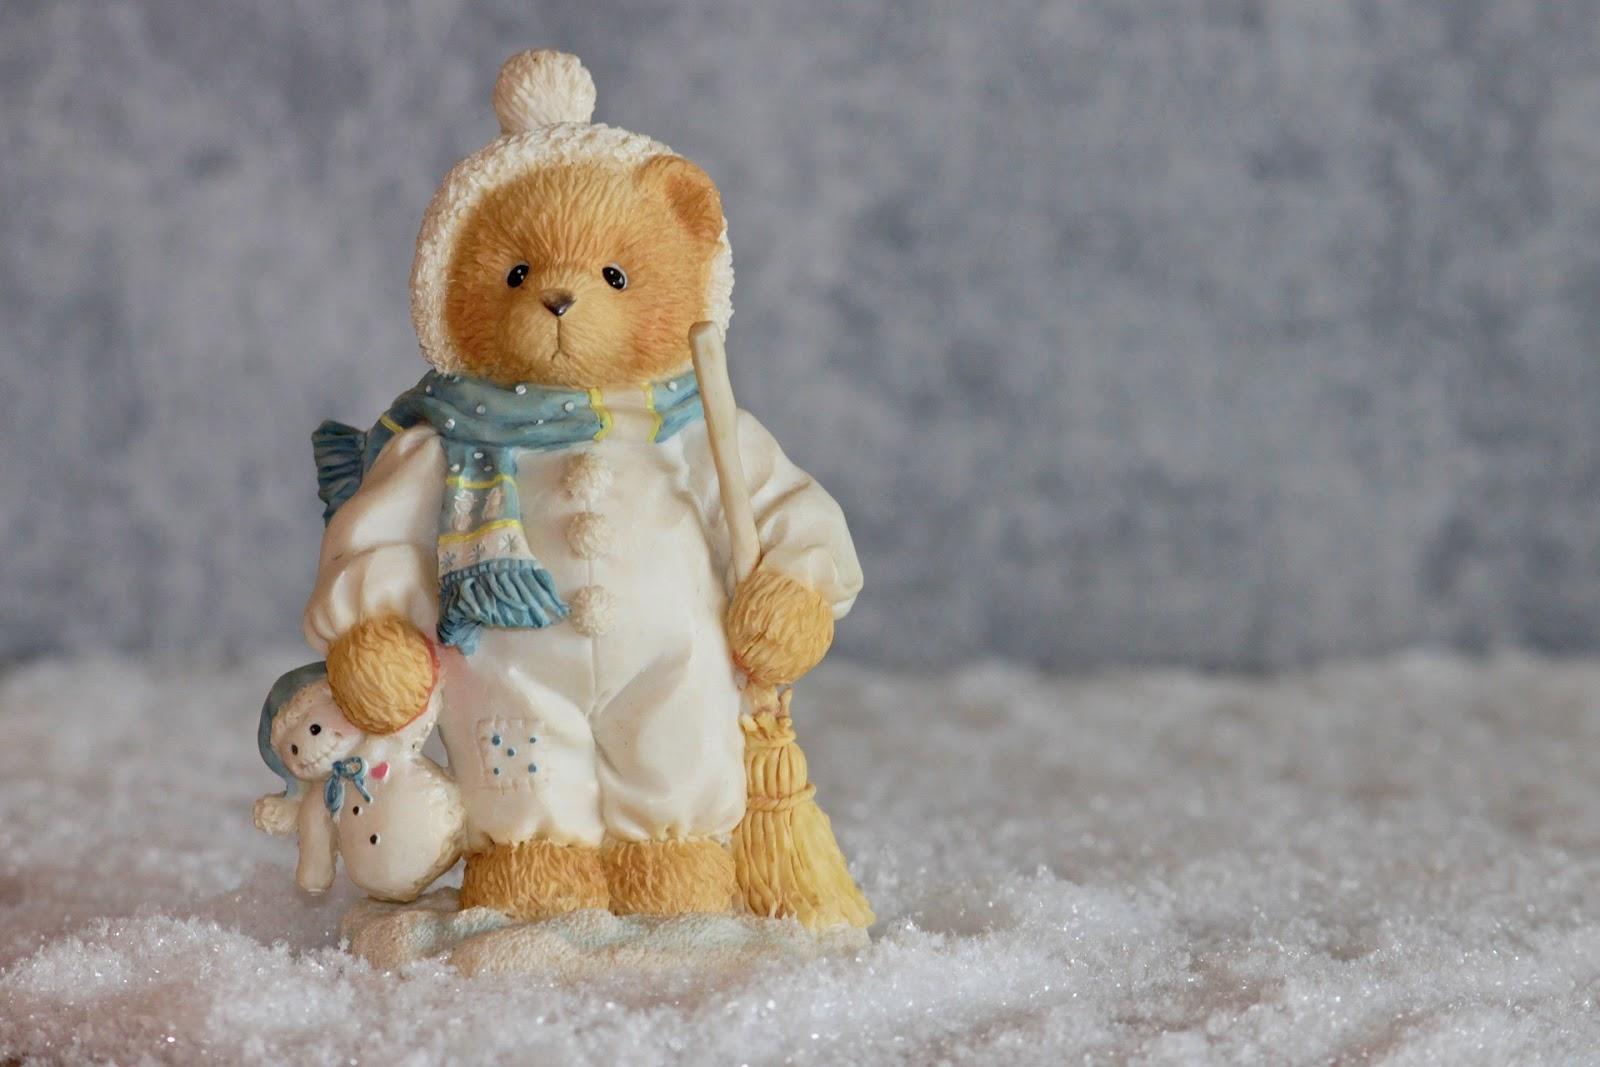 Teddy Bear Love Images, Teddy Bear Picture,  Teddy Bear Lover